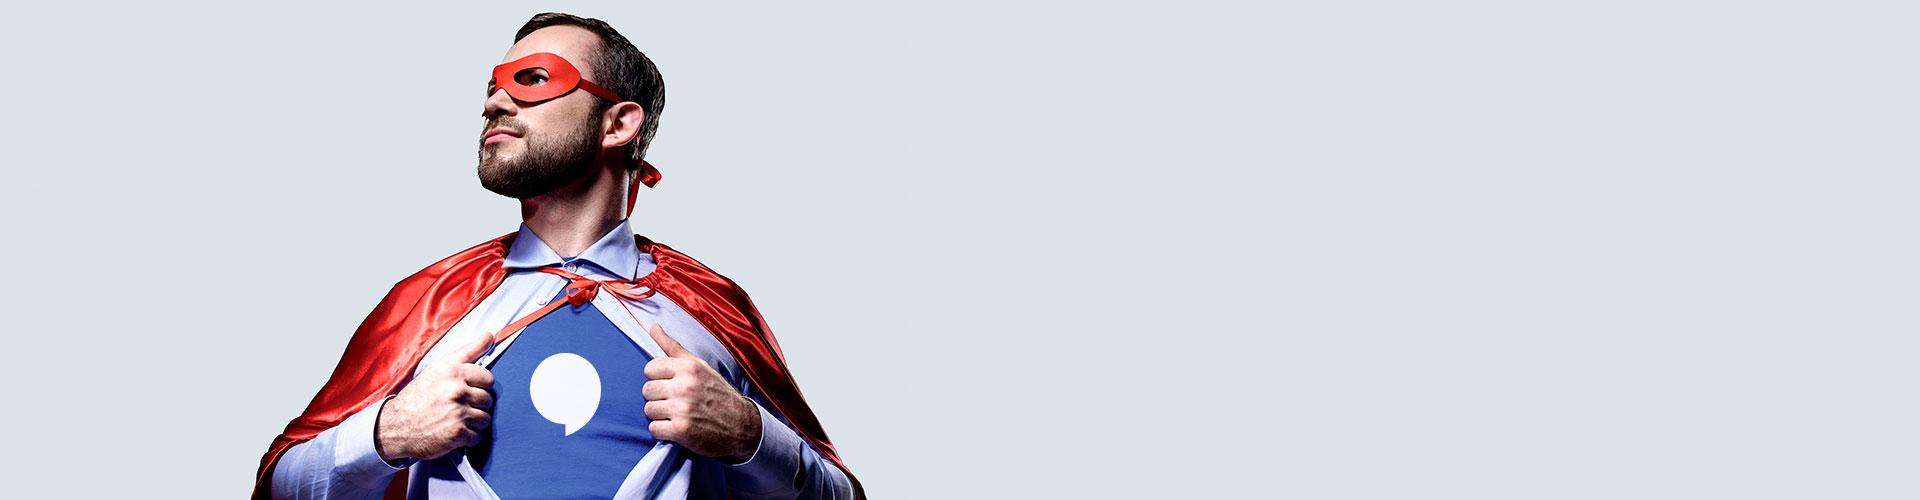 lp_hero_hearing-hero-man-with-cape_slim